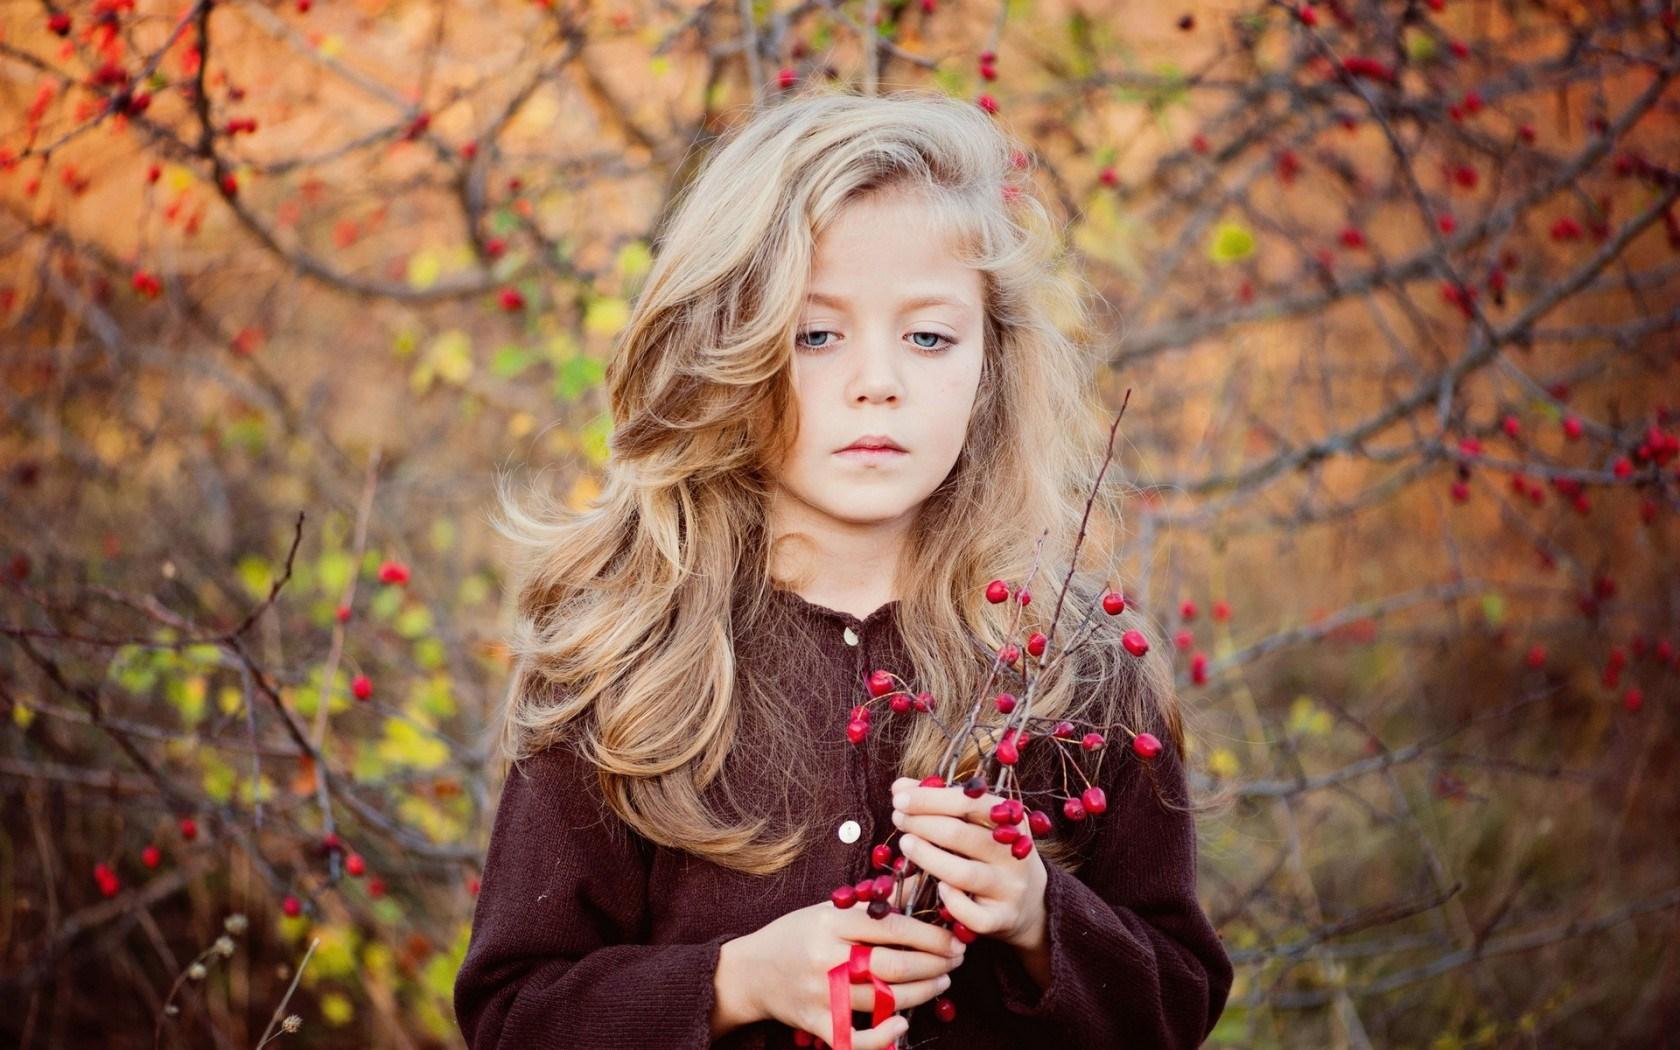 Girl Children Blonde Blue Eyes Autumn Mood